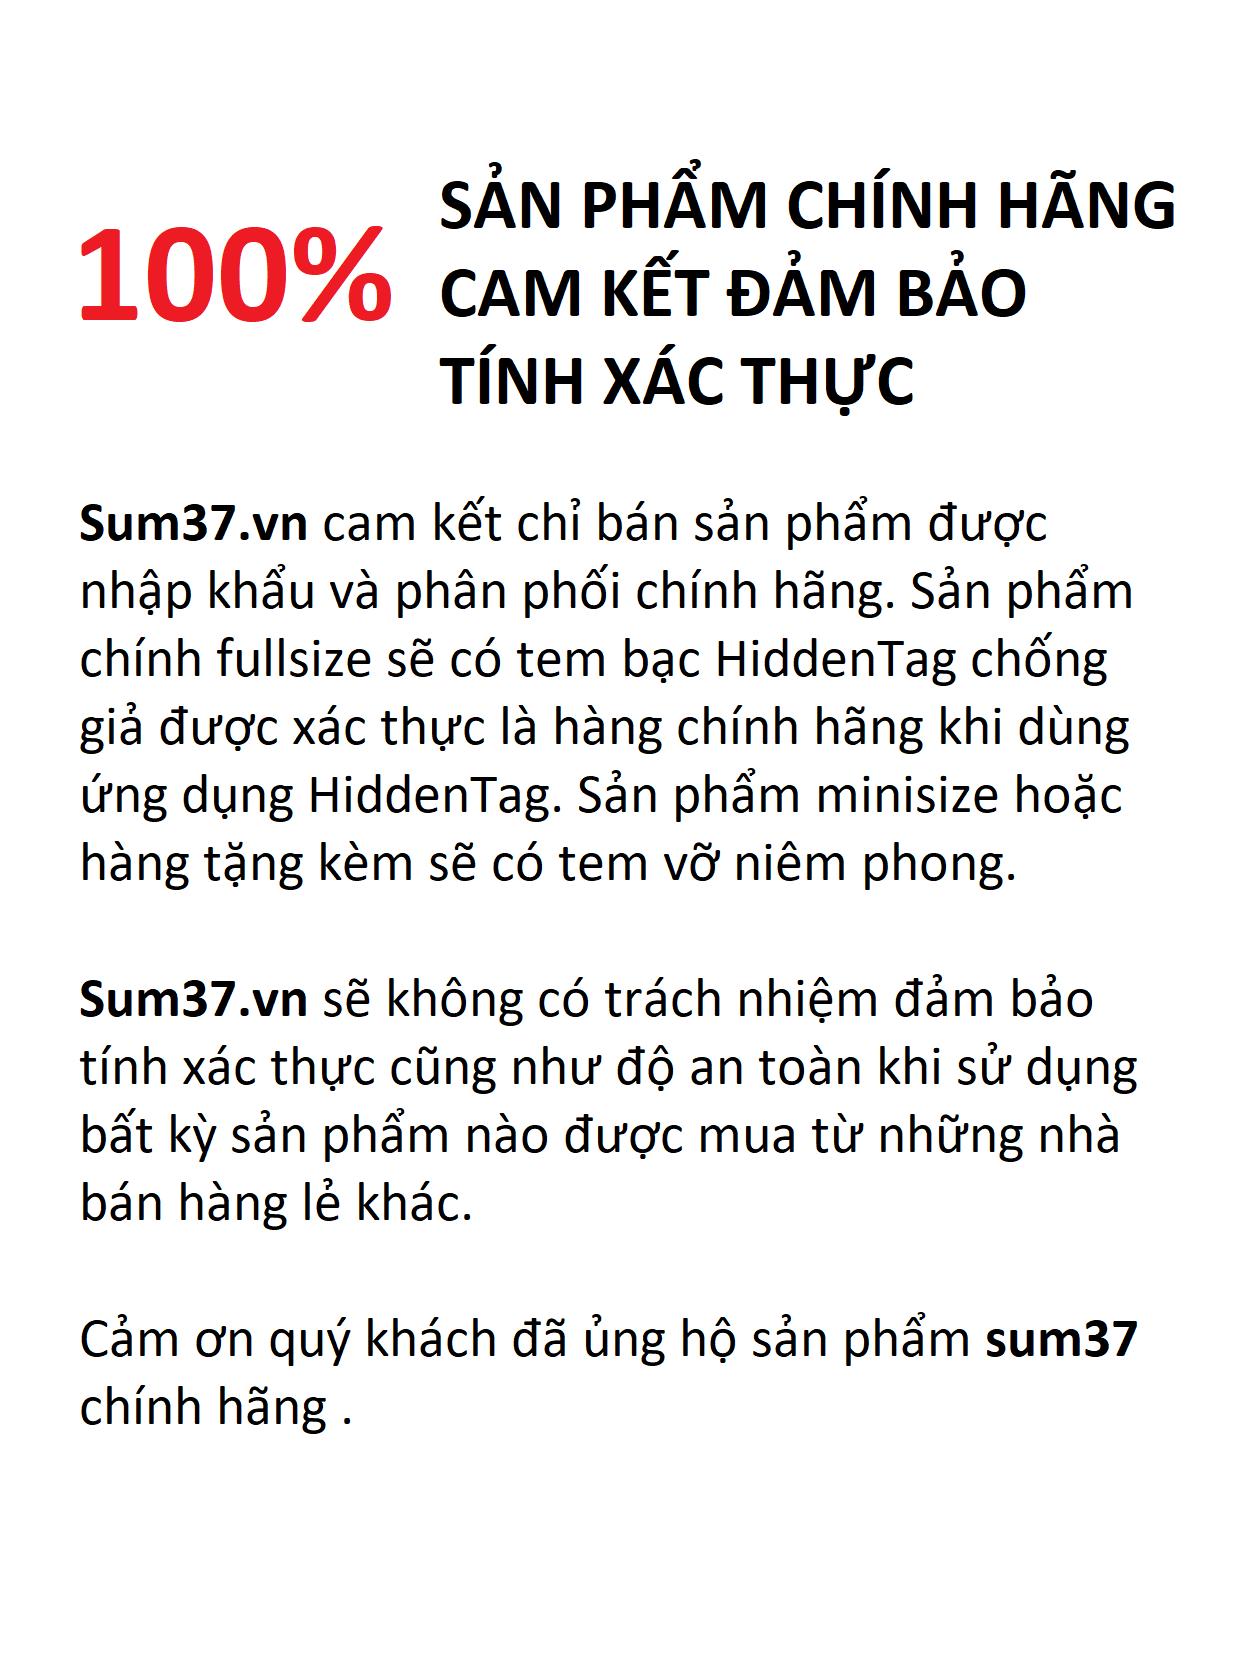 Sản phẩm Sum37 Losec summa mini 5pcs khuyến mại TẶNG KÈM CHO ĐƠN MUA HÀNG FULL SIZE GIÁ 3 TRIỆU